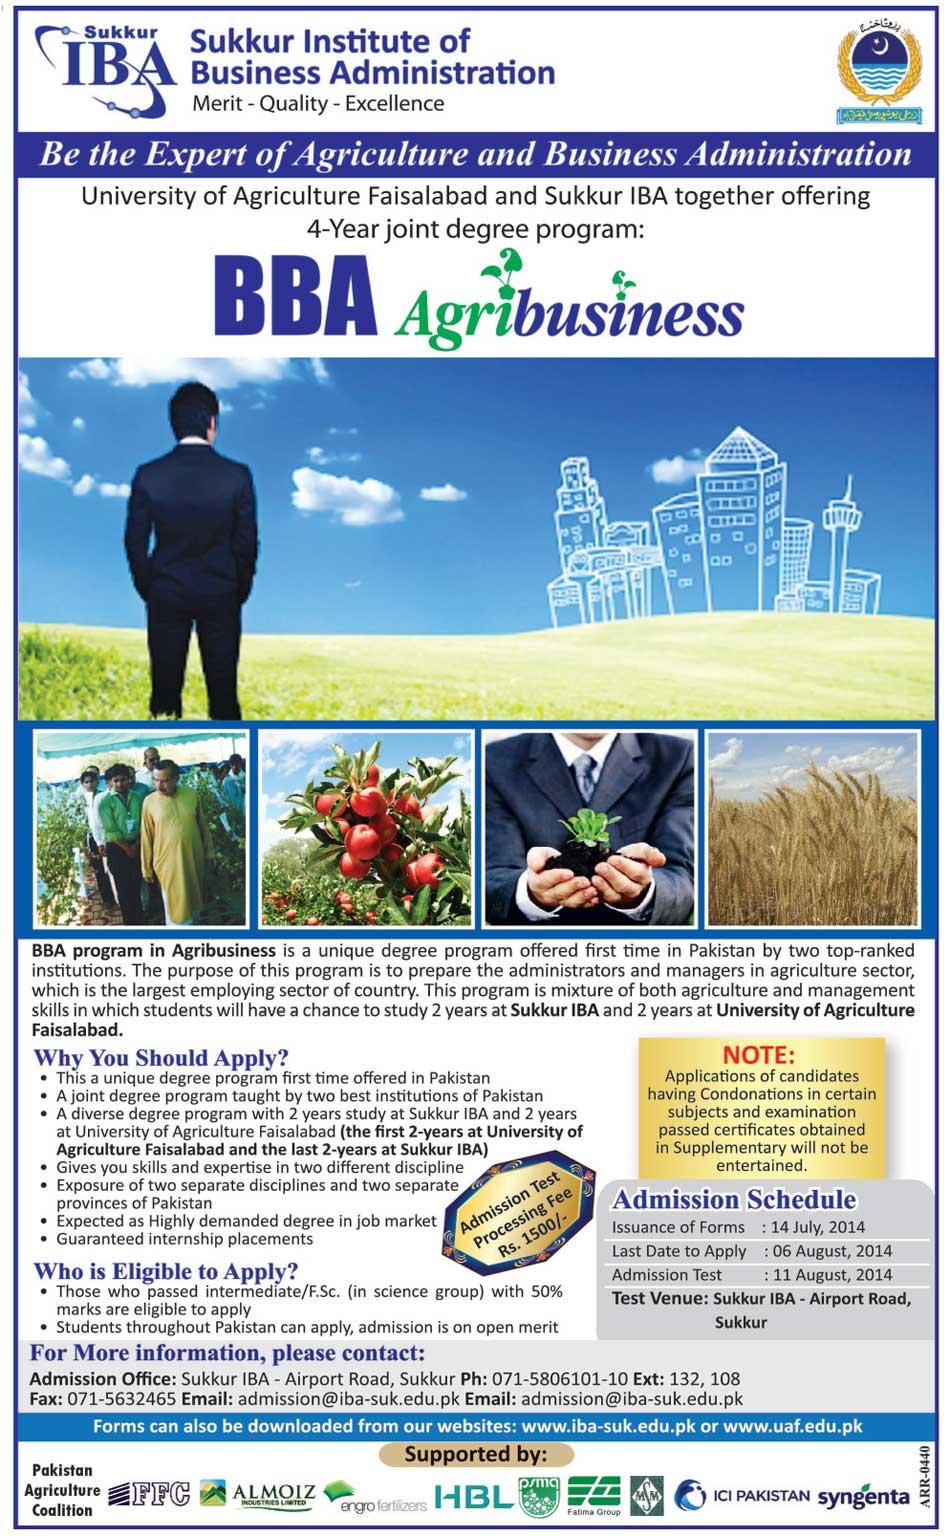 IBA Sukkur BBA Agribusiness Admission 2014 Form, Last Date